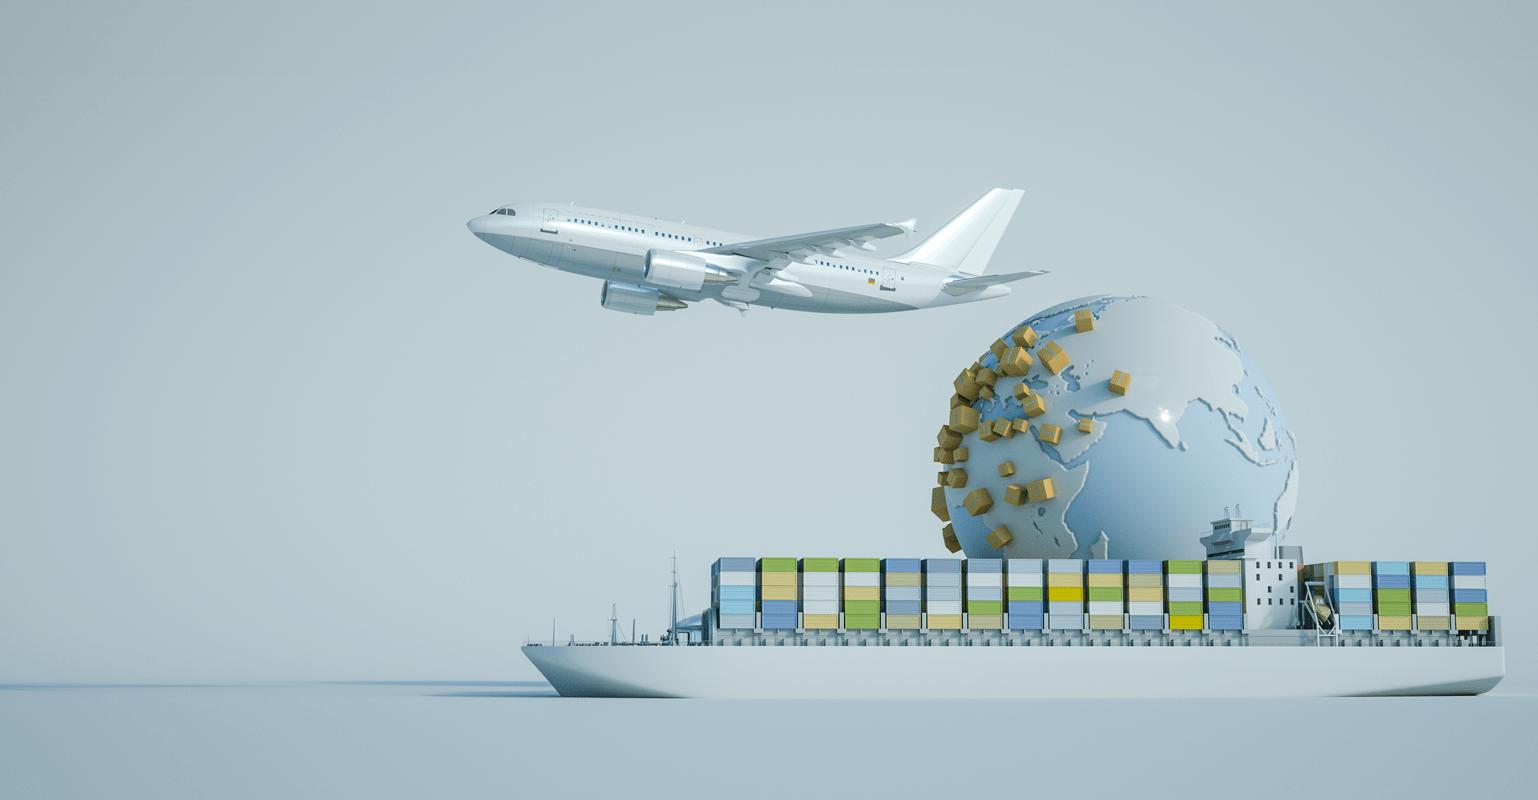 海運から航空への貨物シフト、今回はいつまで続く?